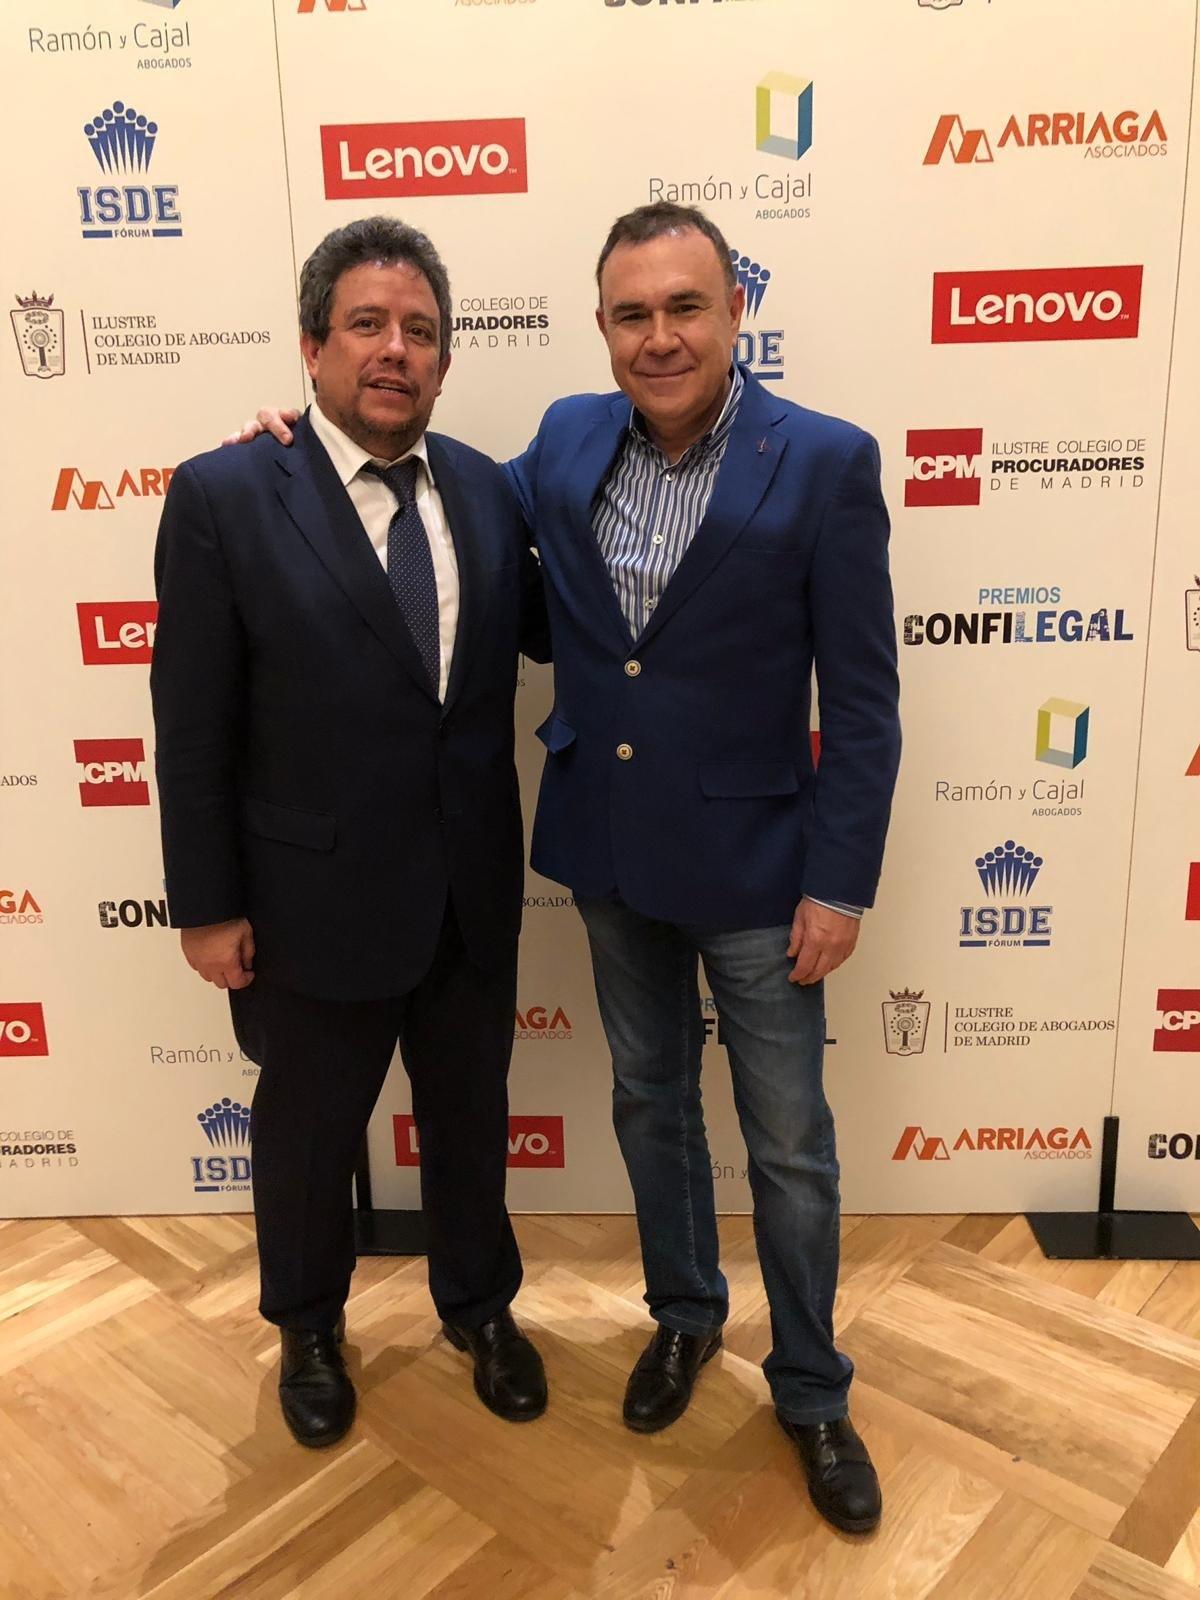 Manuel_Olle_y_Juan_Luis_Galiacho